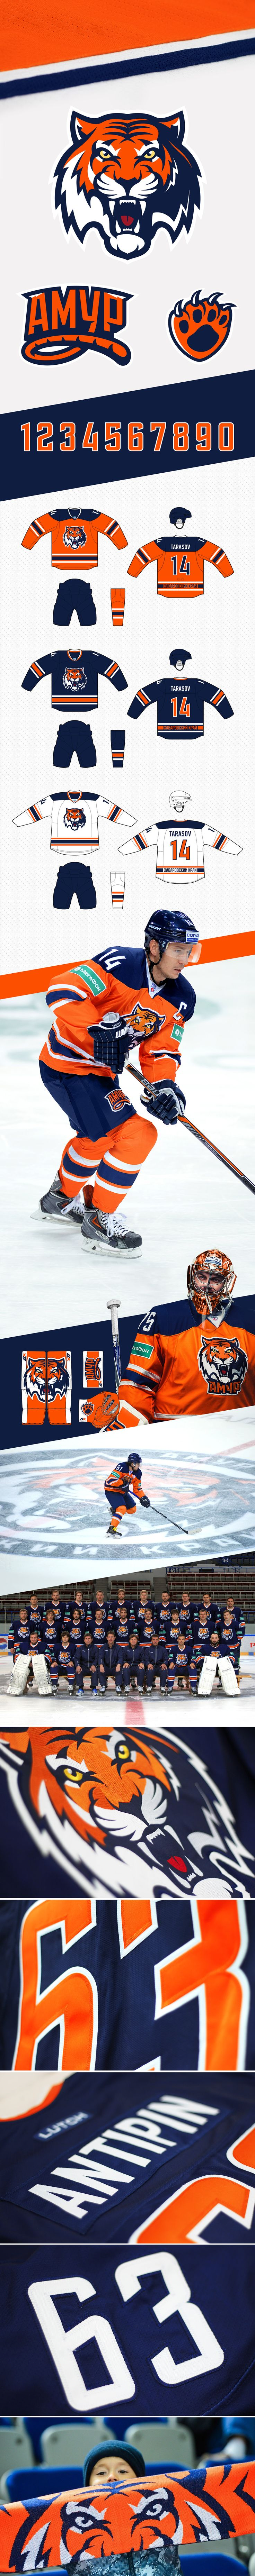 Amur Khabarovsk hockey club. Identity on Behance